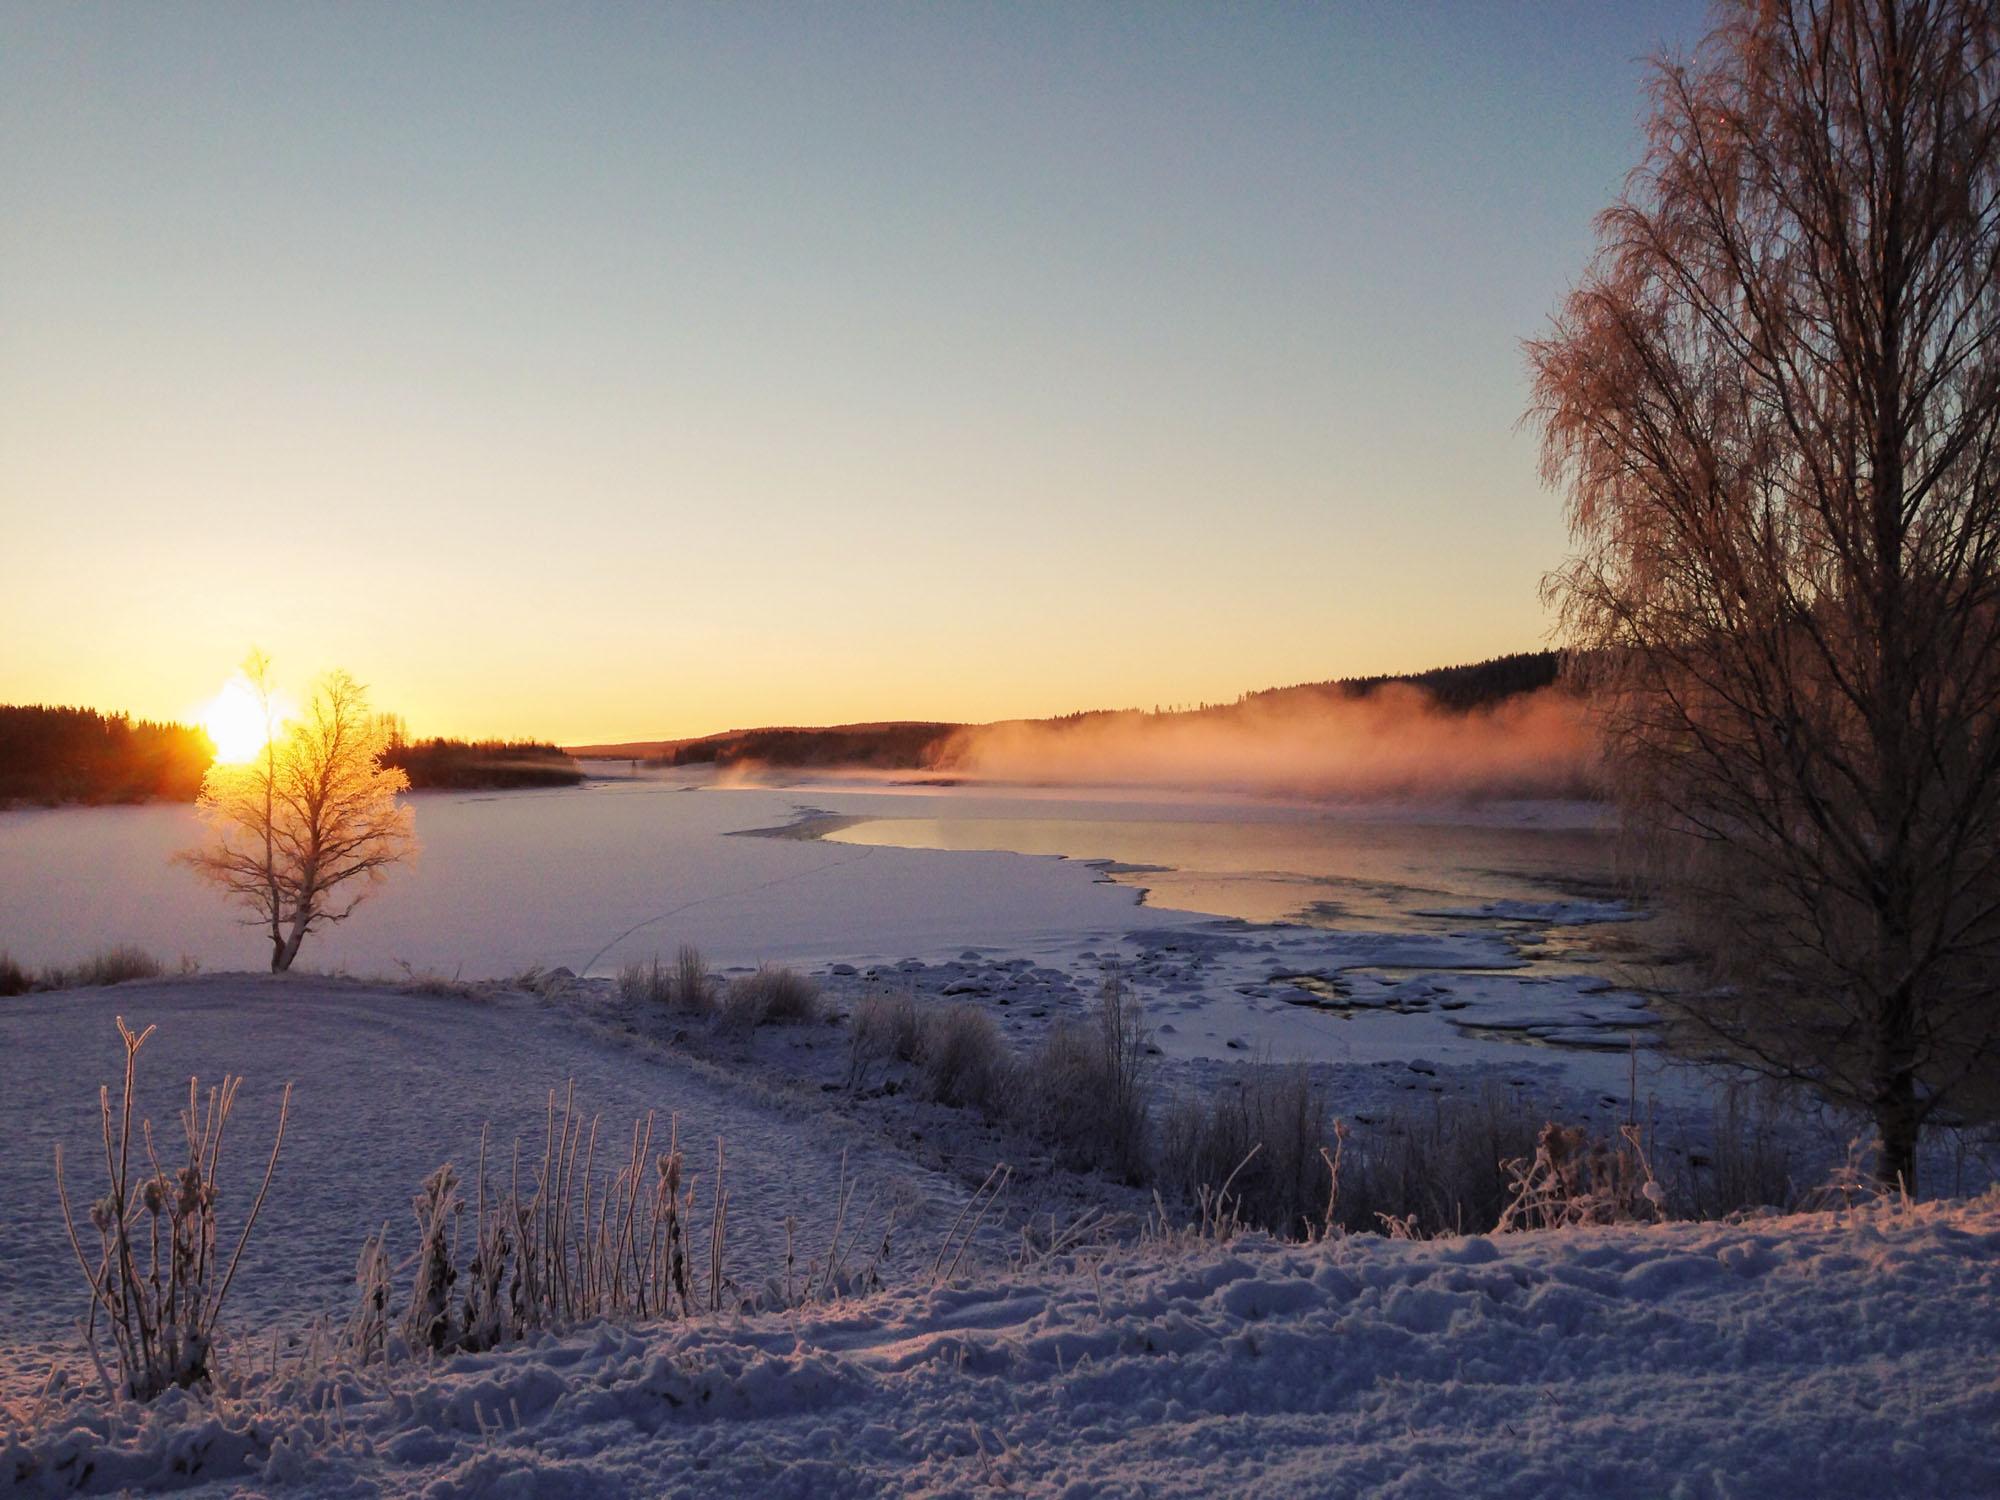 The Vindel river.